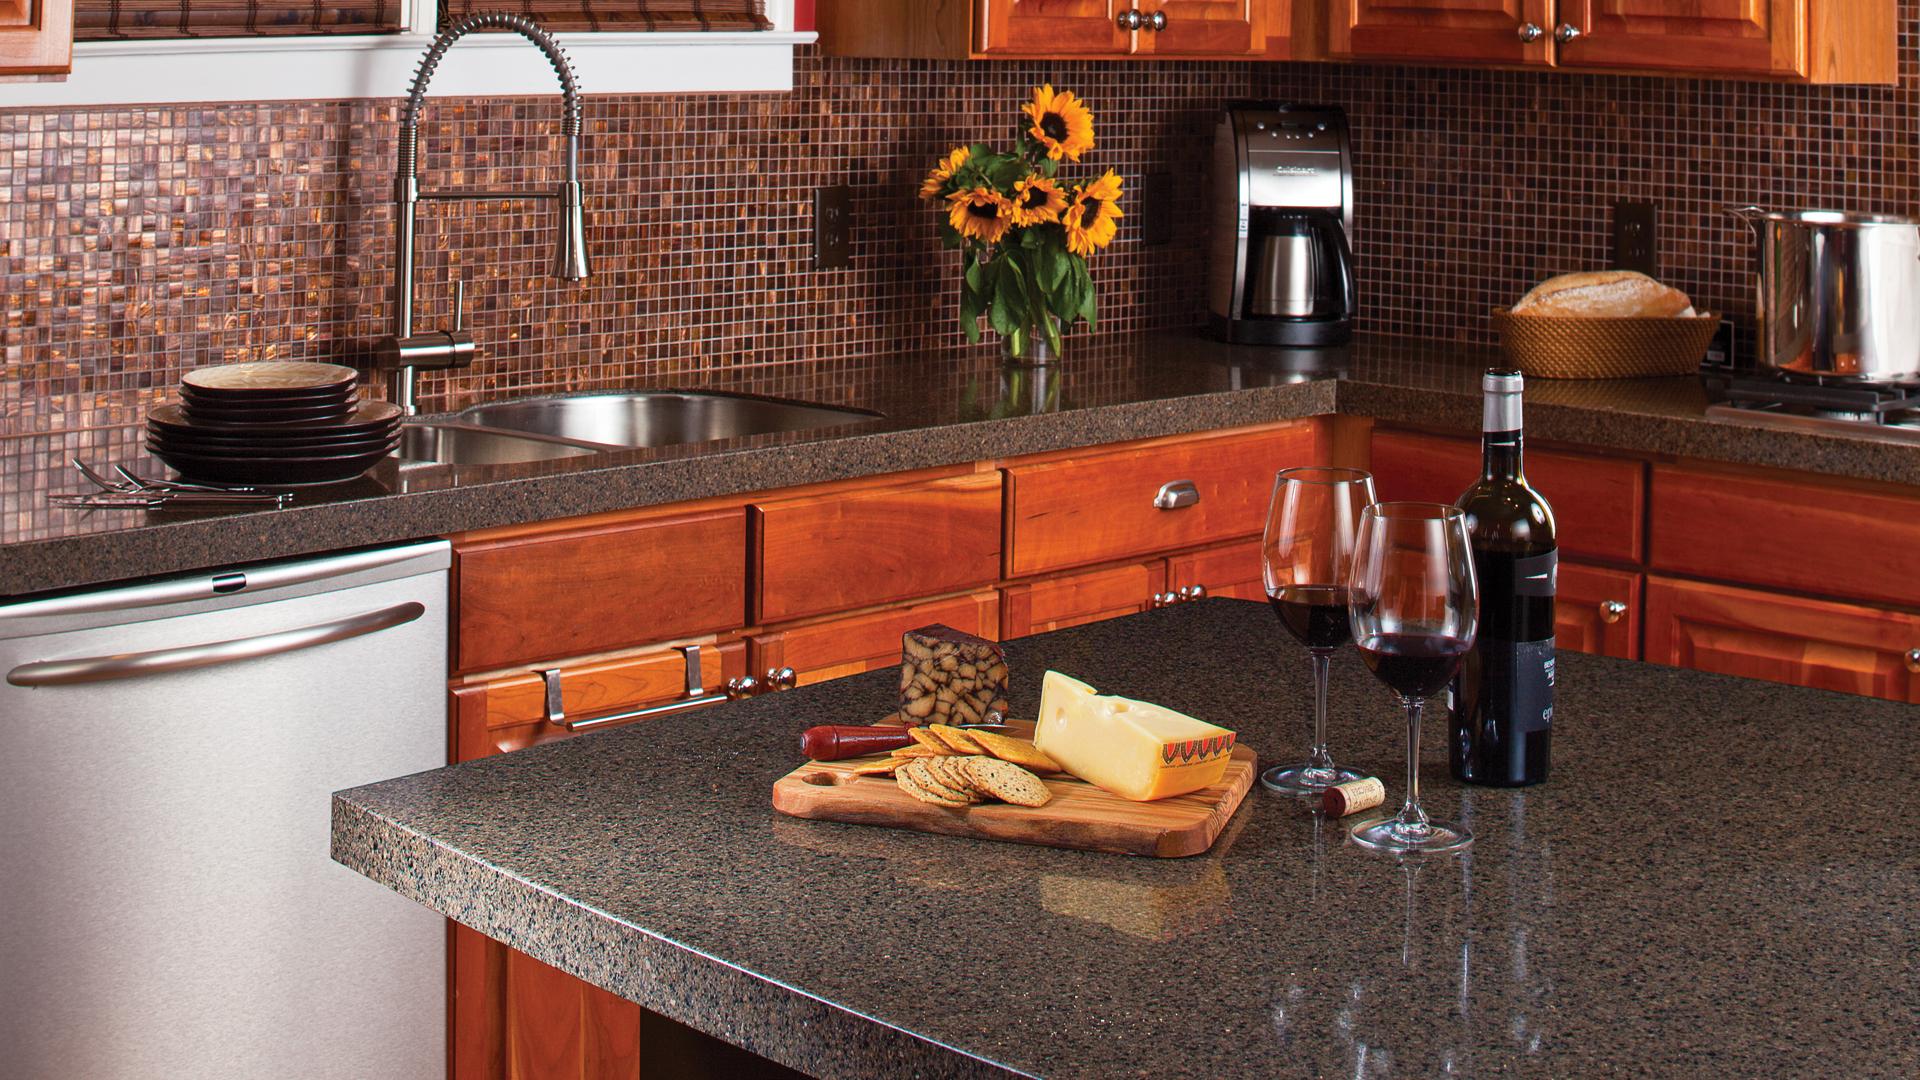 comptoir-de-granit-decorer-cuisine-idees-solutions-trucs_conseils_comment_decoration_design_interieur_ameublement_quebec_canada